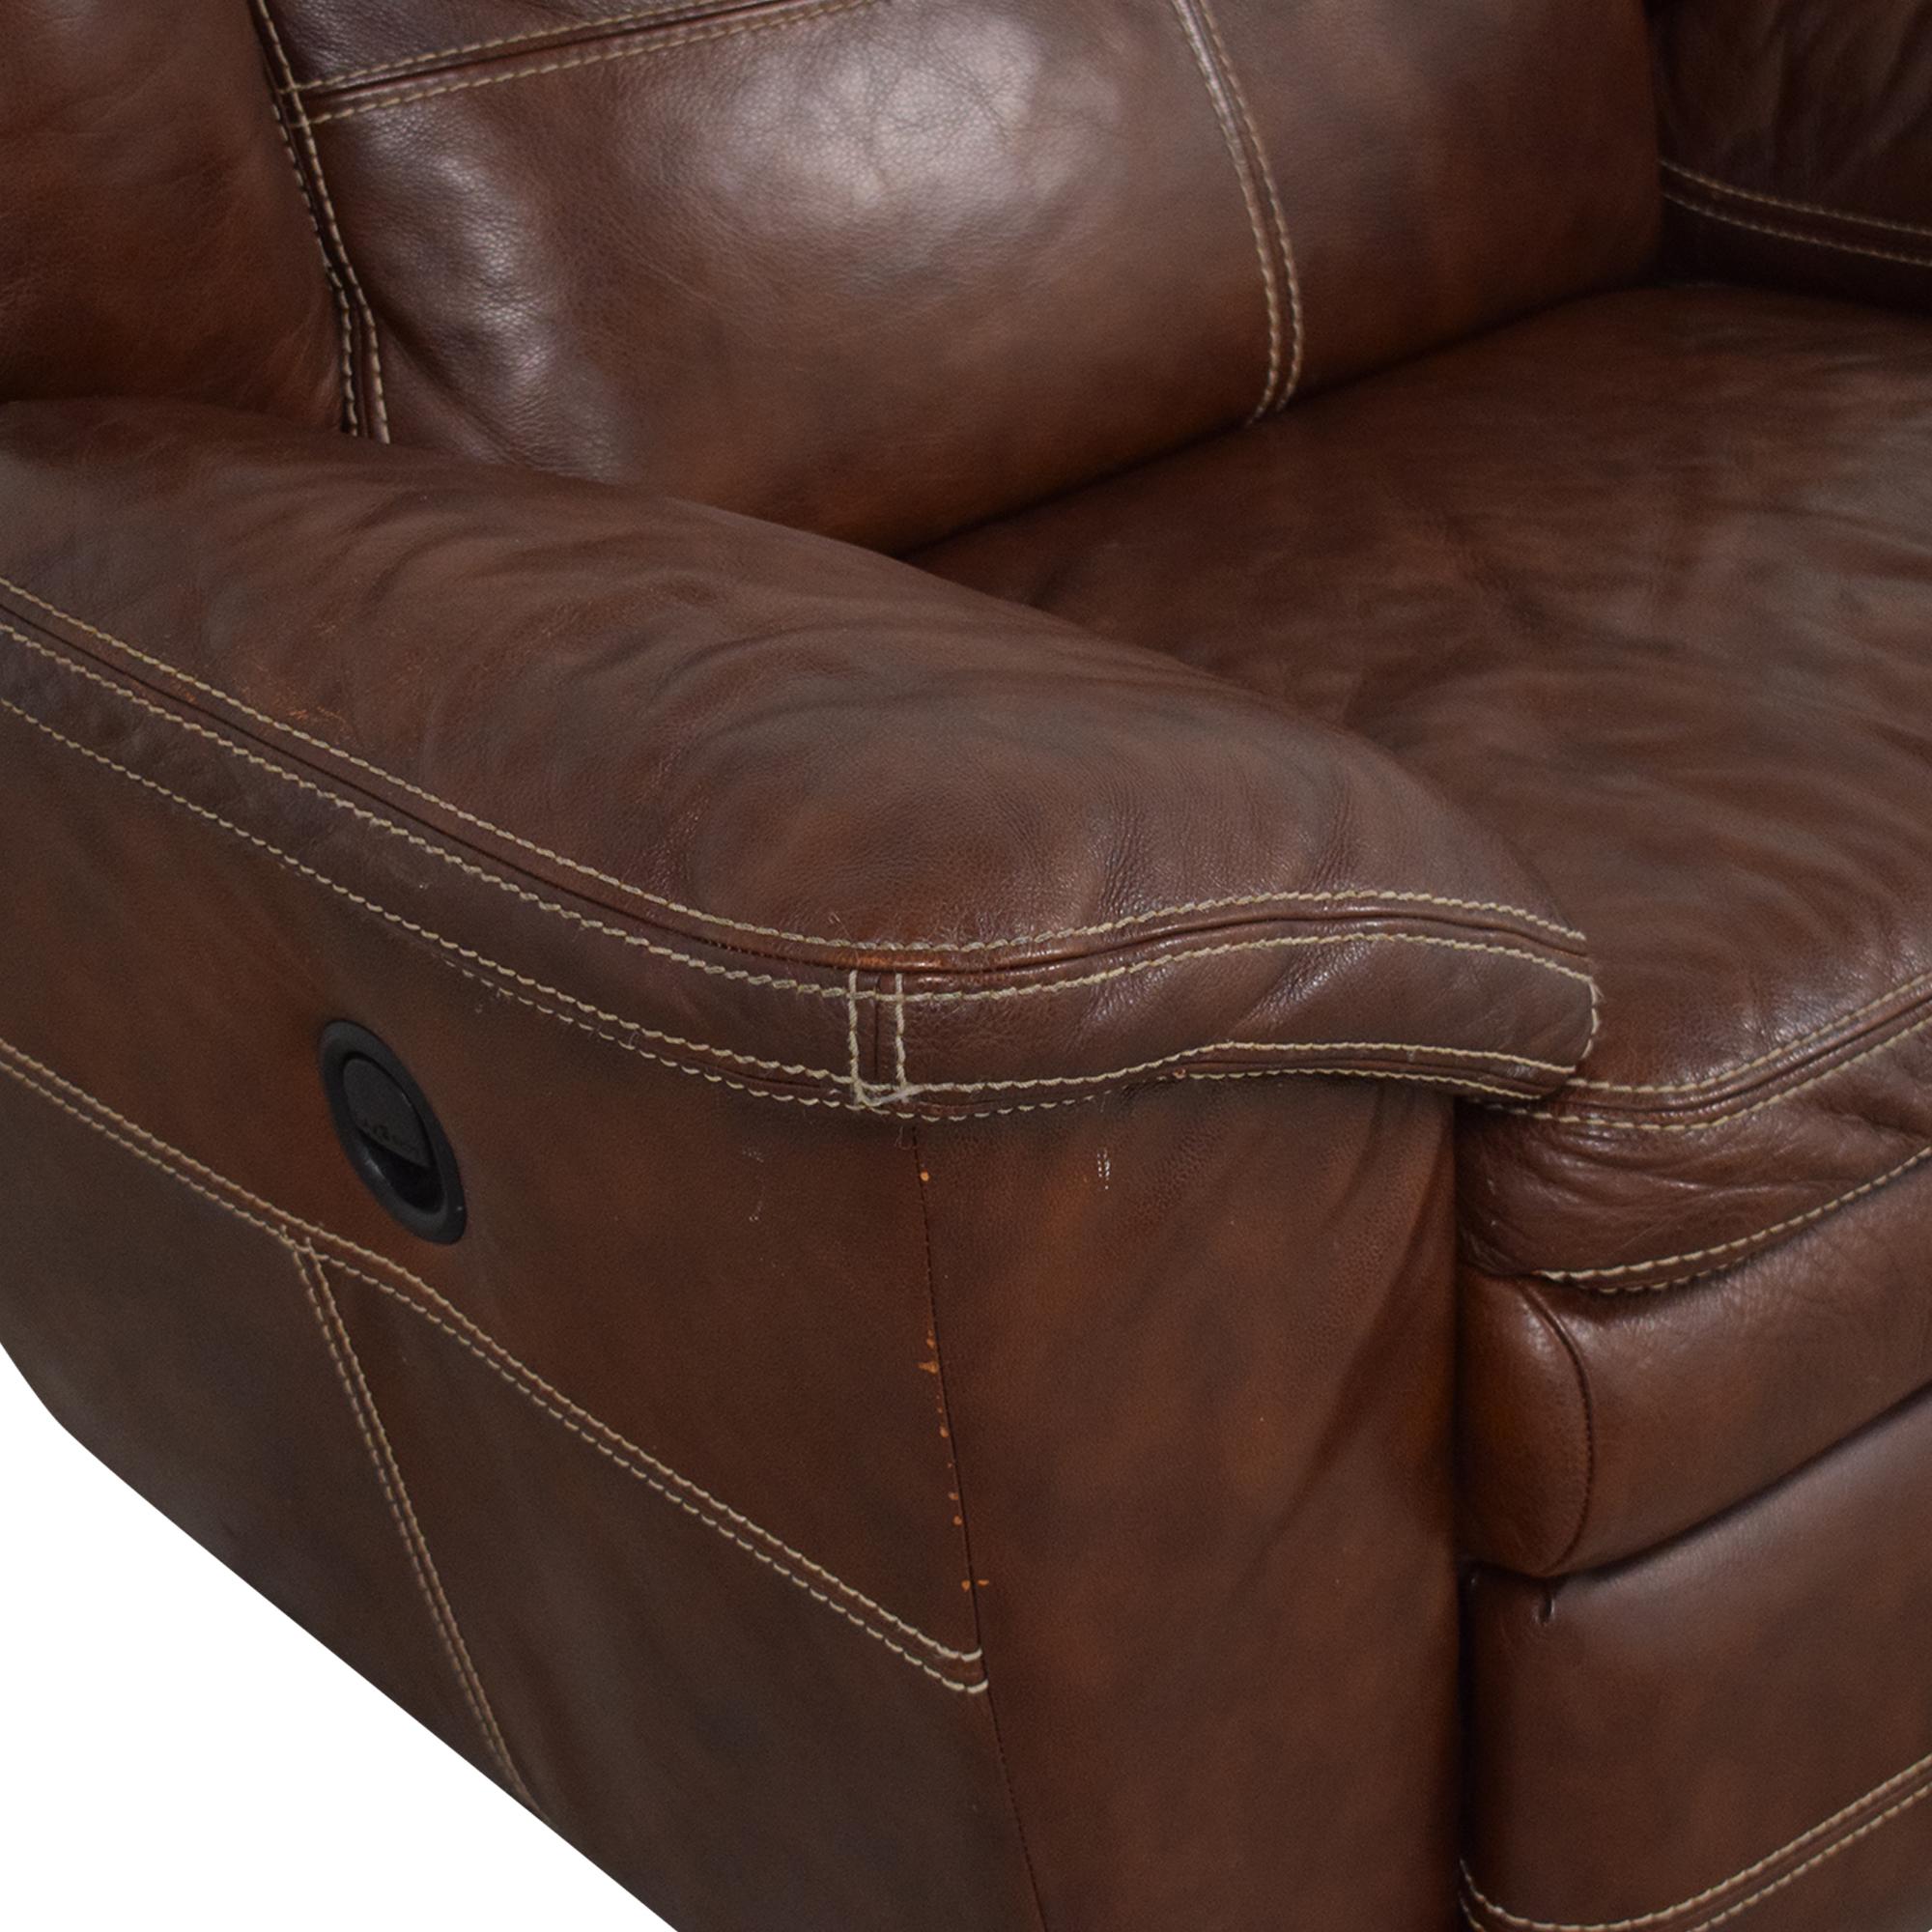 La-Z-Boy La-Z-Boy Leather Recliner Chair nj